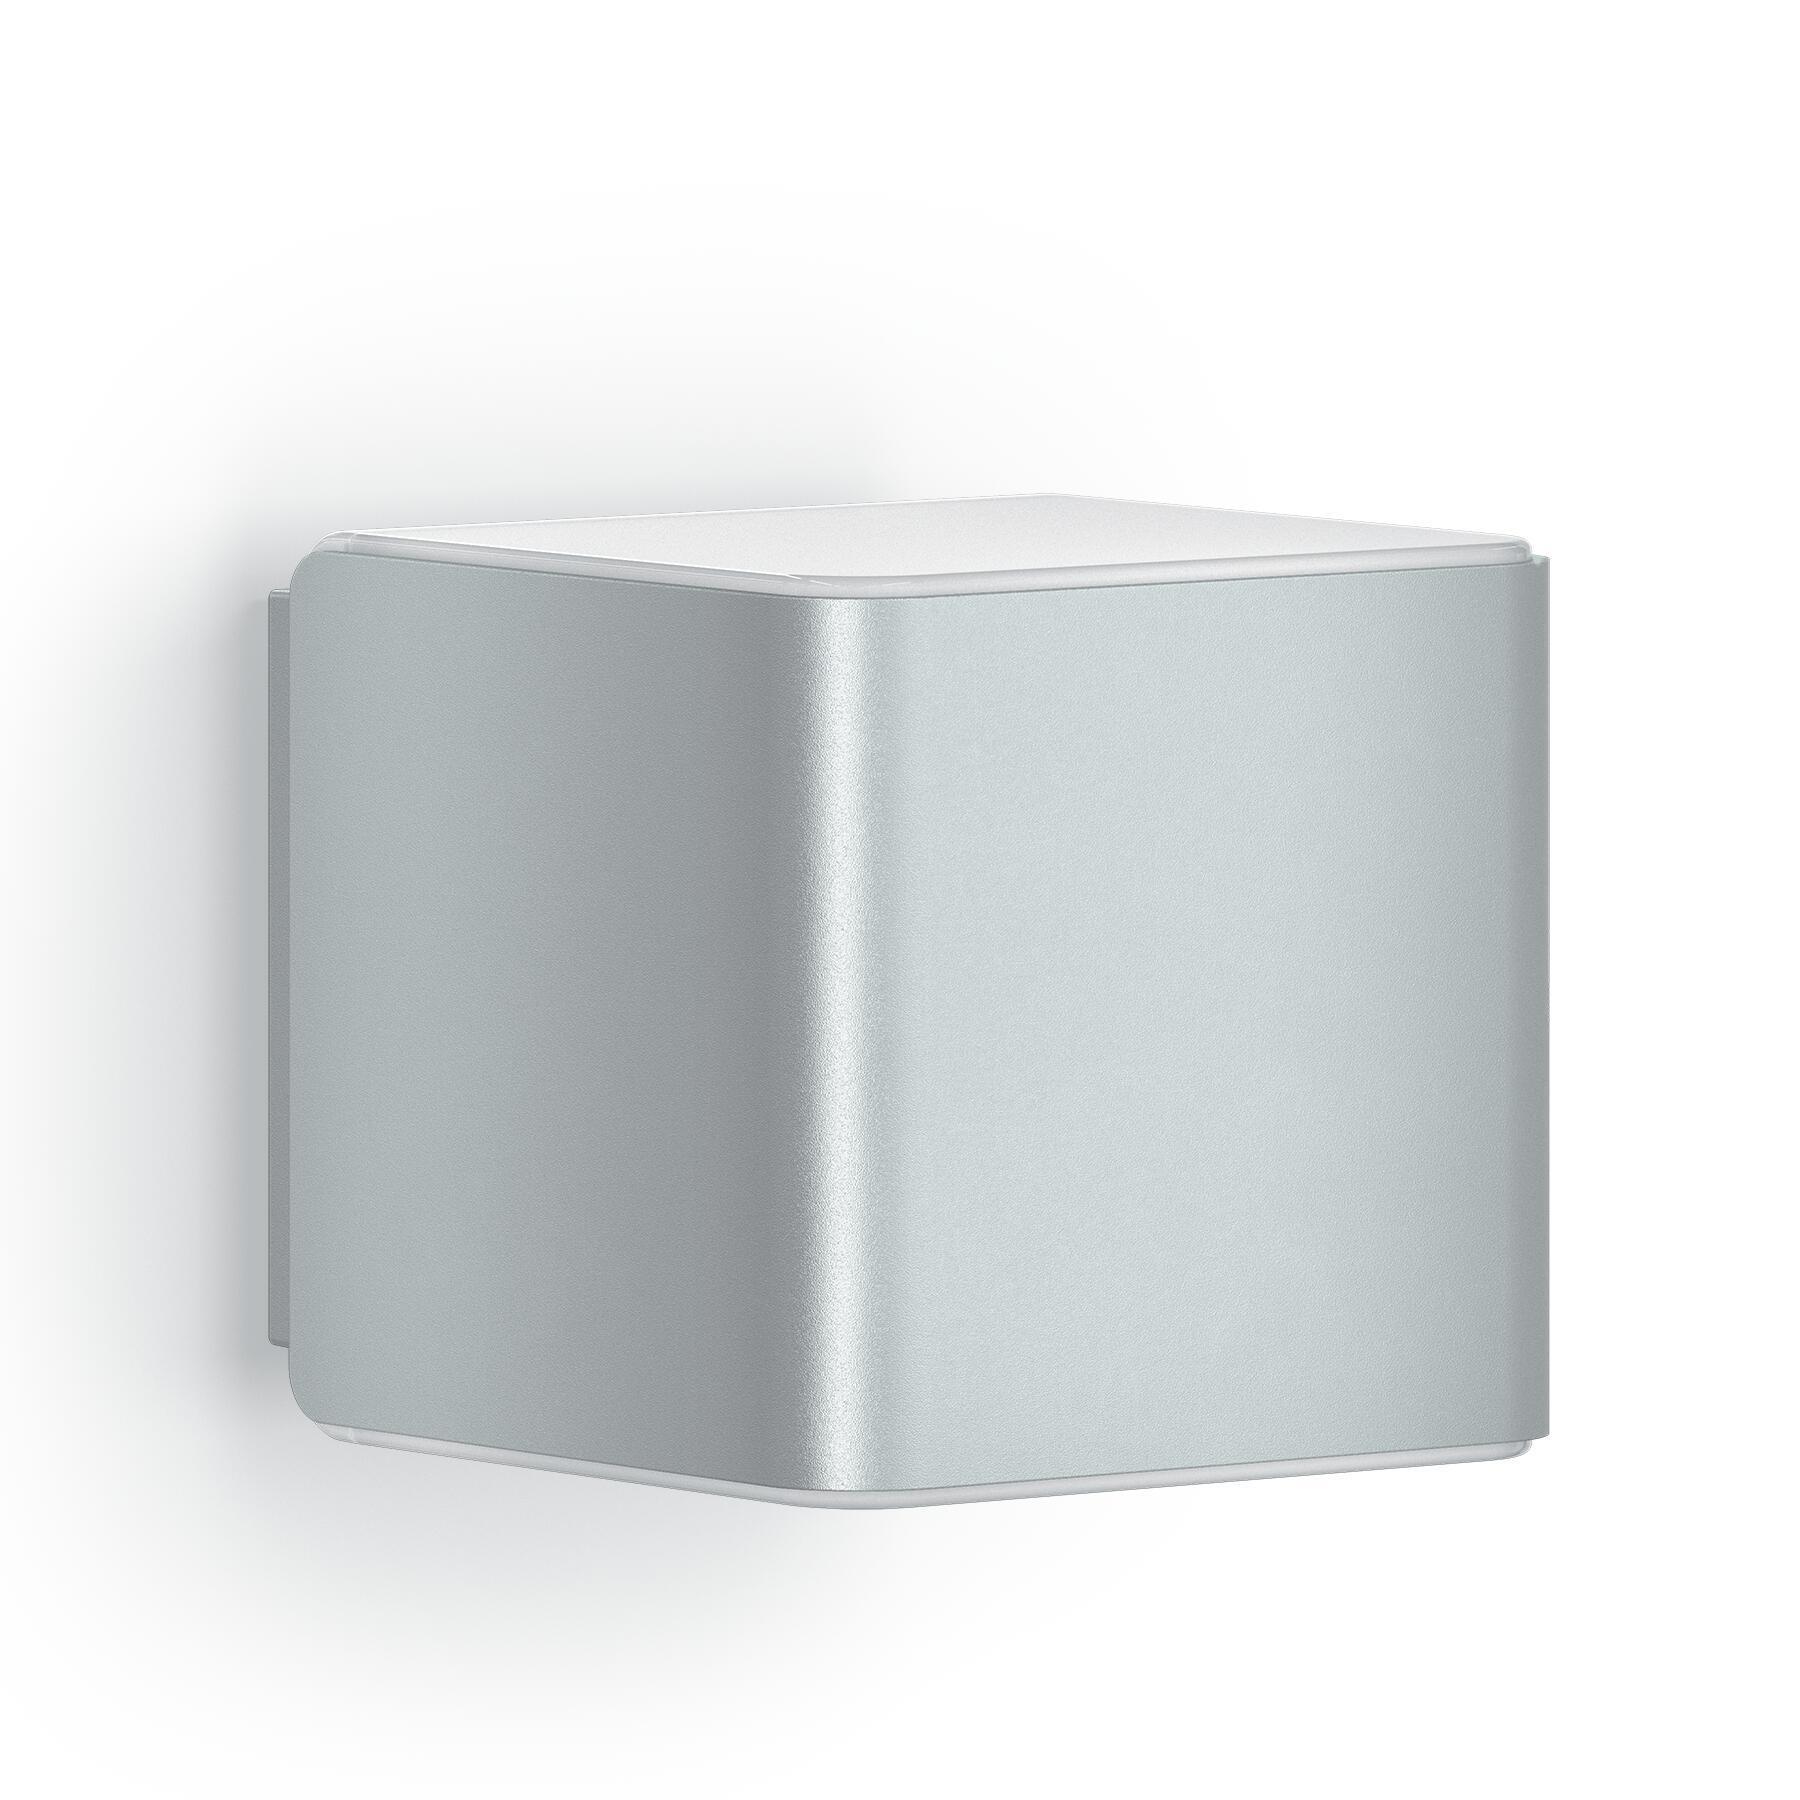 Applique L 840 LED integrato con sensore di movimento, grigio, 9.5W 305LM IP44 STEINEL - 2